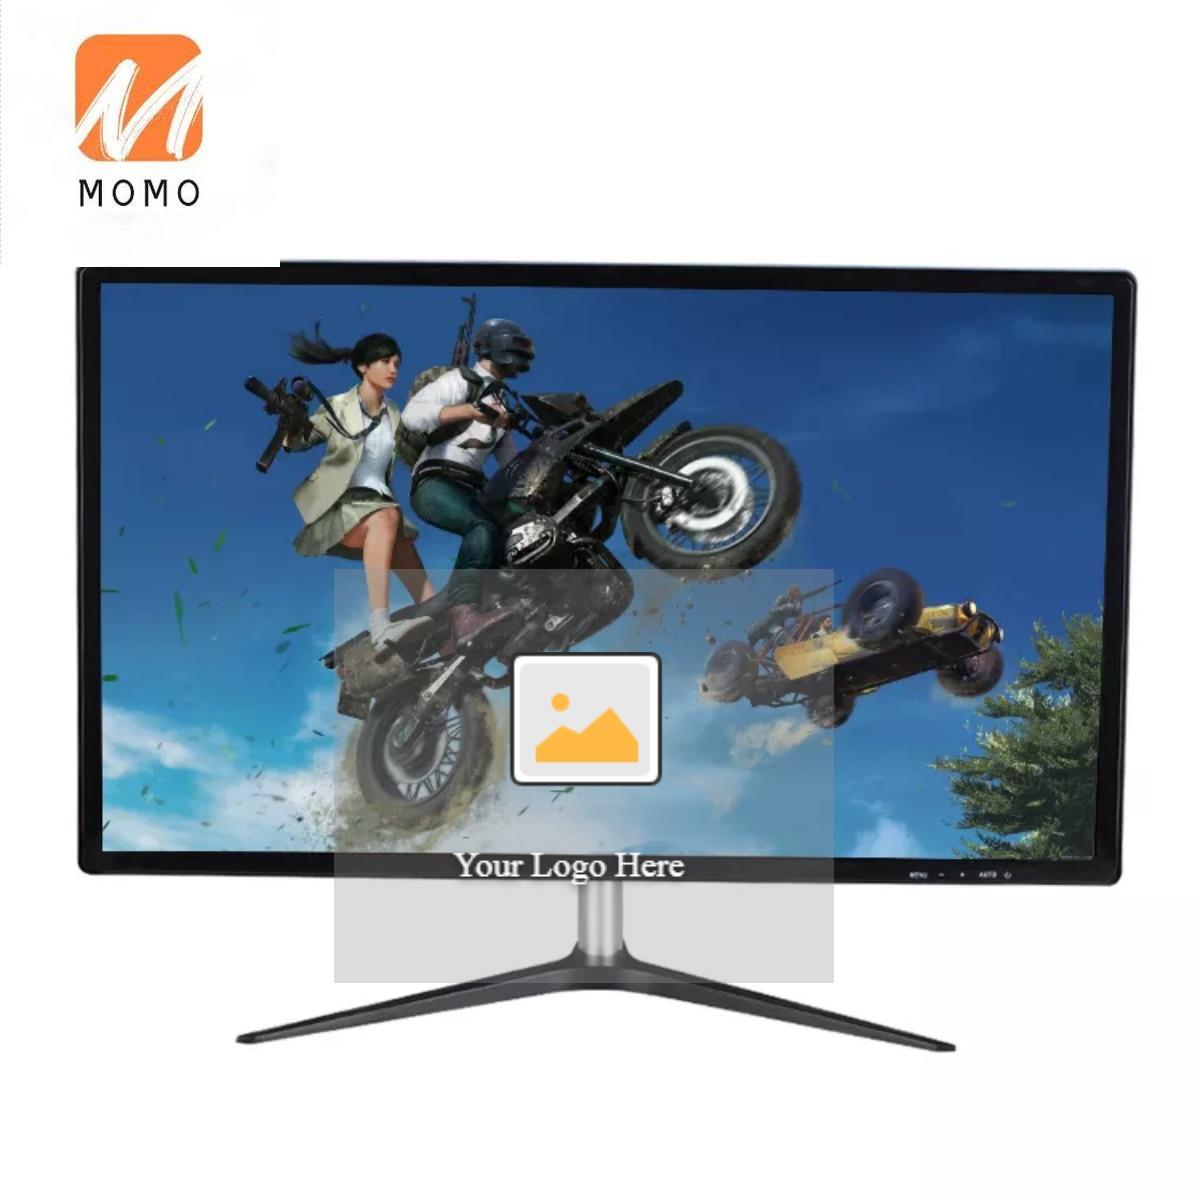 24 بوصة FHD 240hz 1ms وقت الاستجابة LCD ألعاب كمبيوتر مراقب الصين مصنع بالجملة